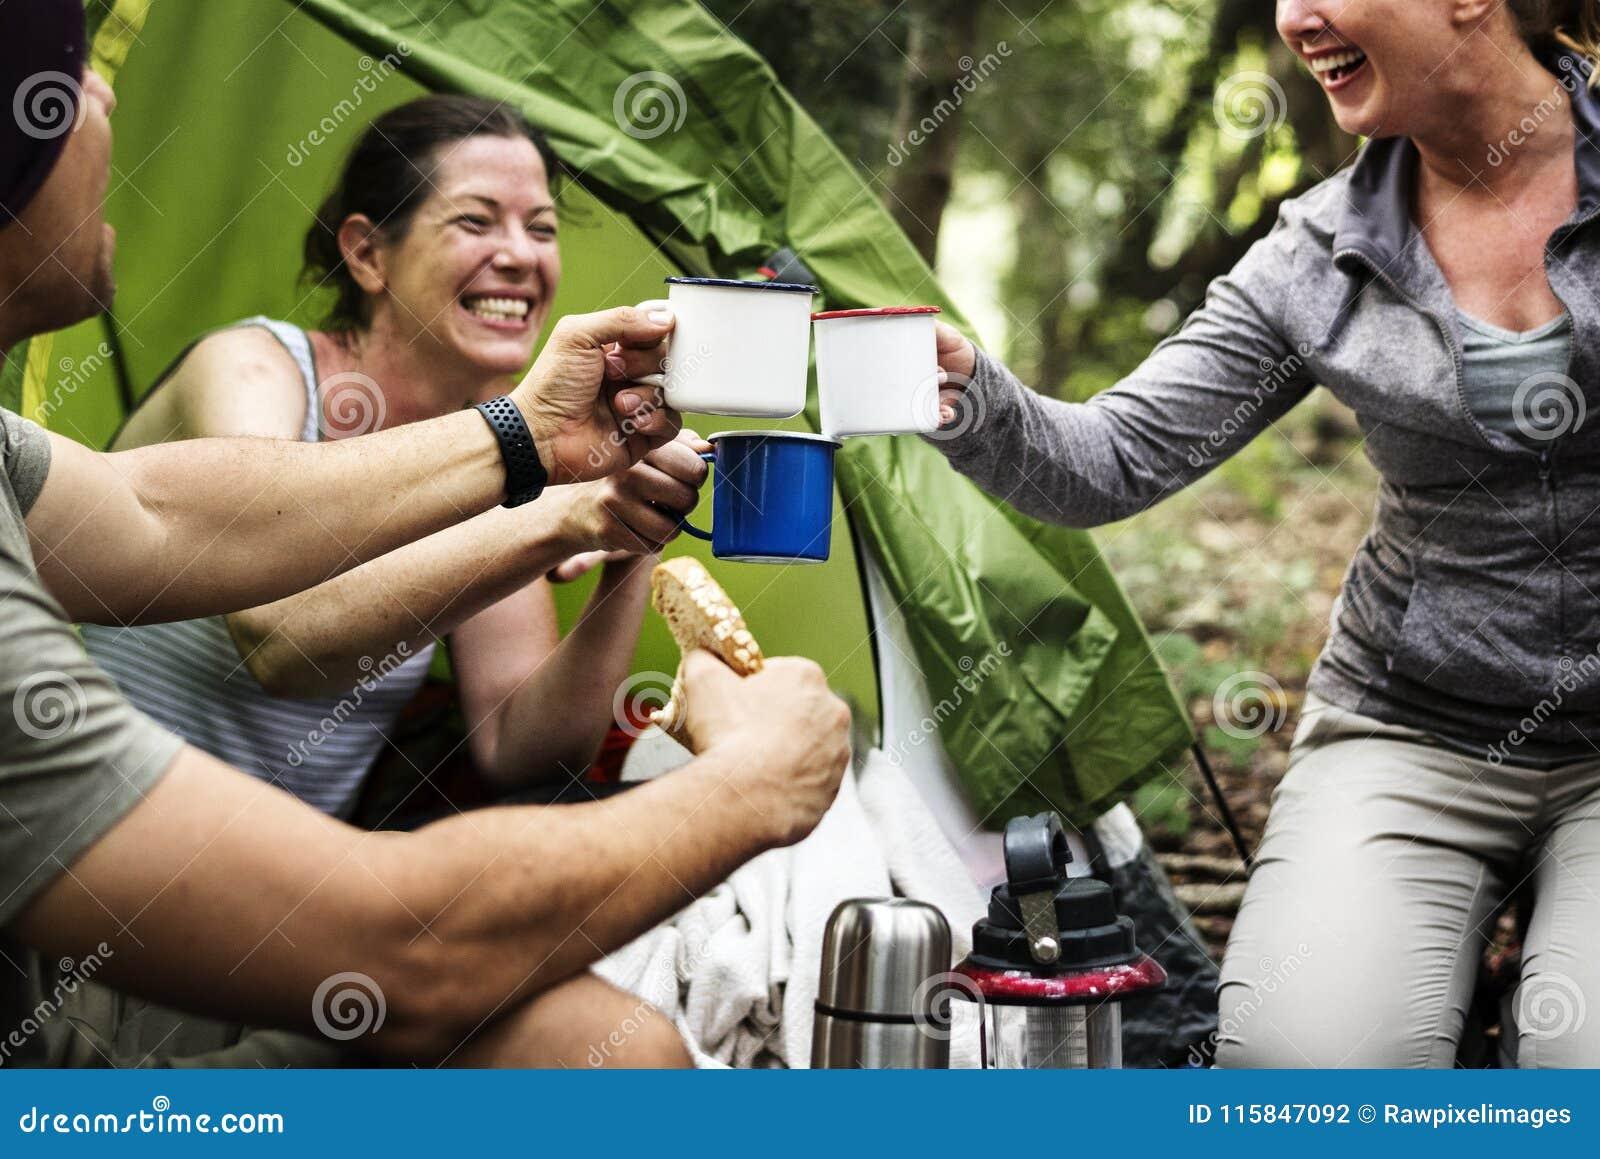 野营在森林里的小组朋友